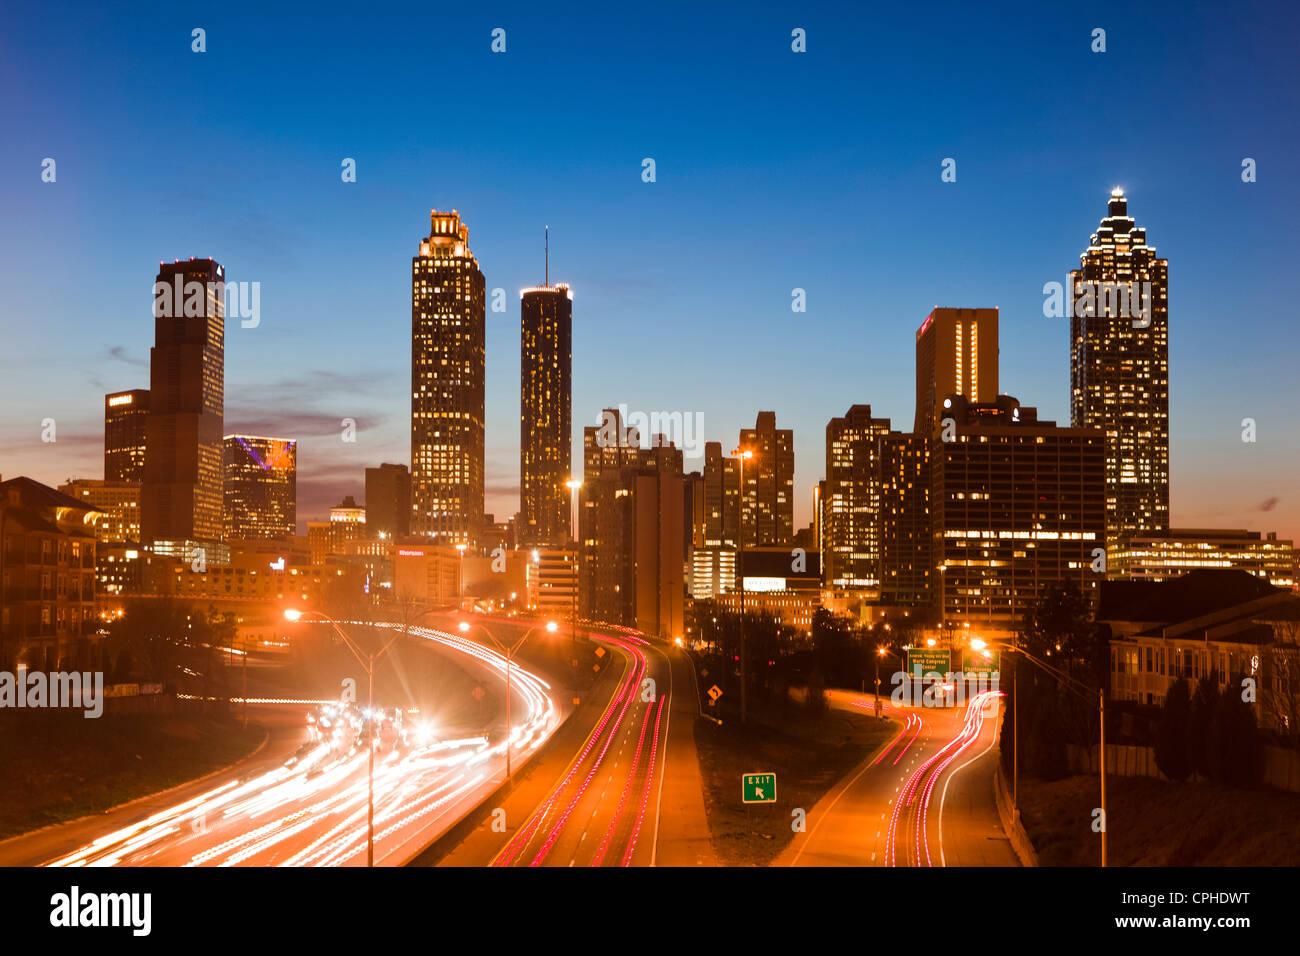 Stati Uniti d'America, Stati Uniti, America, Georgia, Atlanta, architettura, automobili, downtown, moderno, Immagini Stock